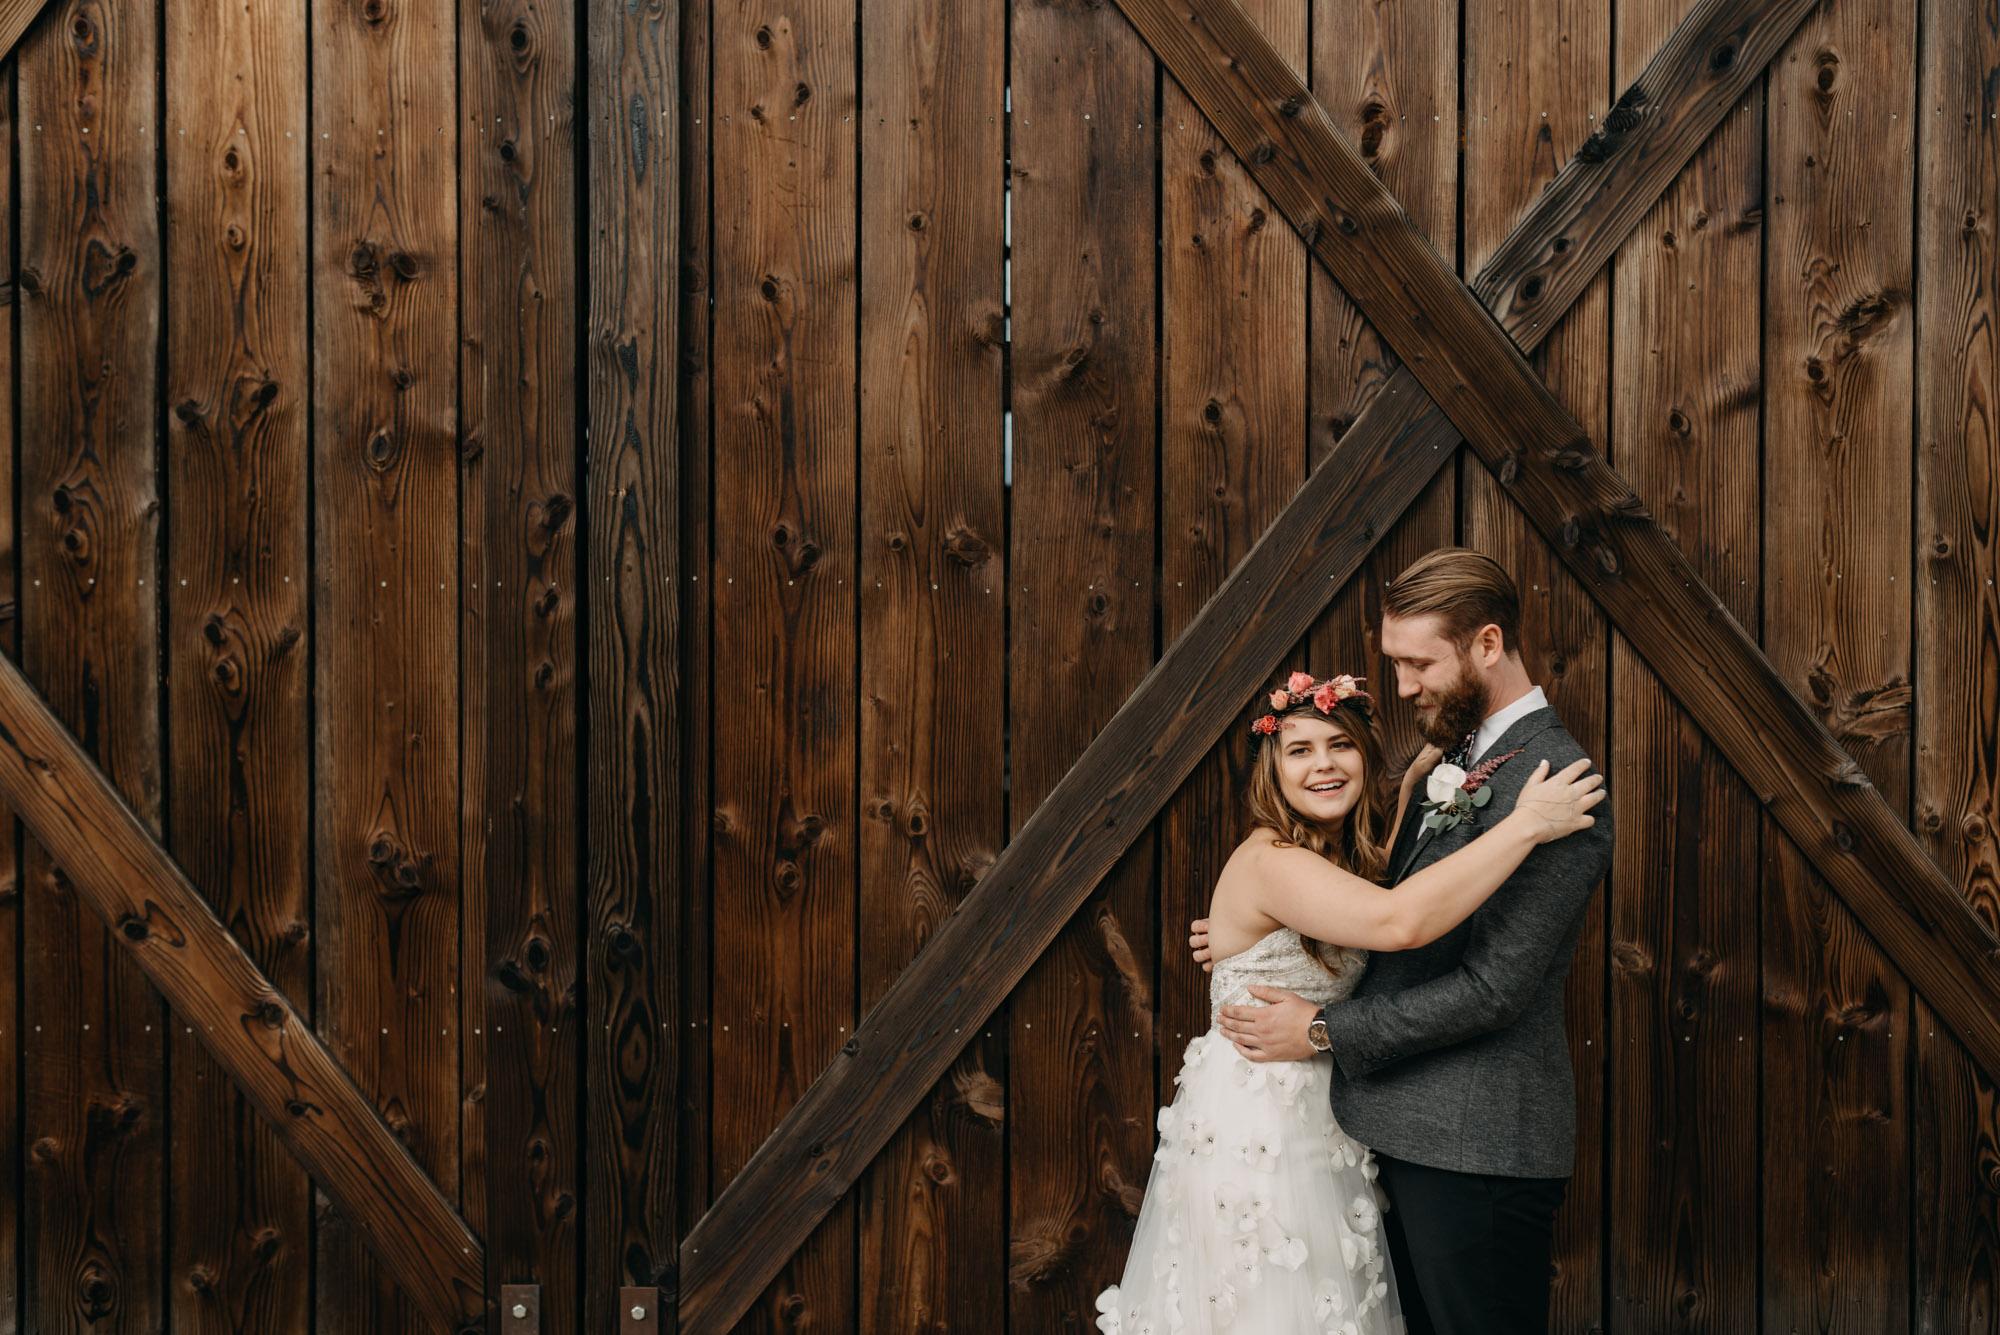 Outdoor-First-Look-Washington-Wedding-Barn-Door-8089.jpg